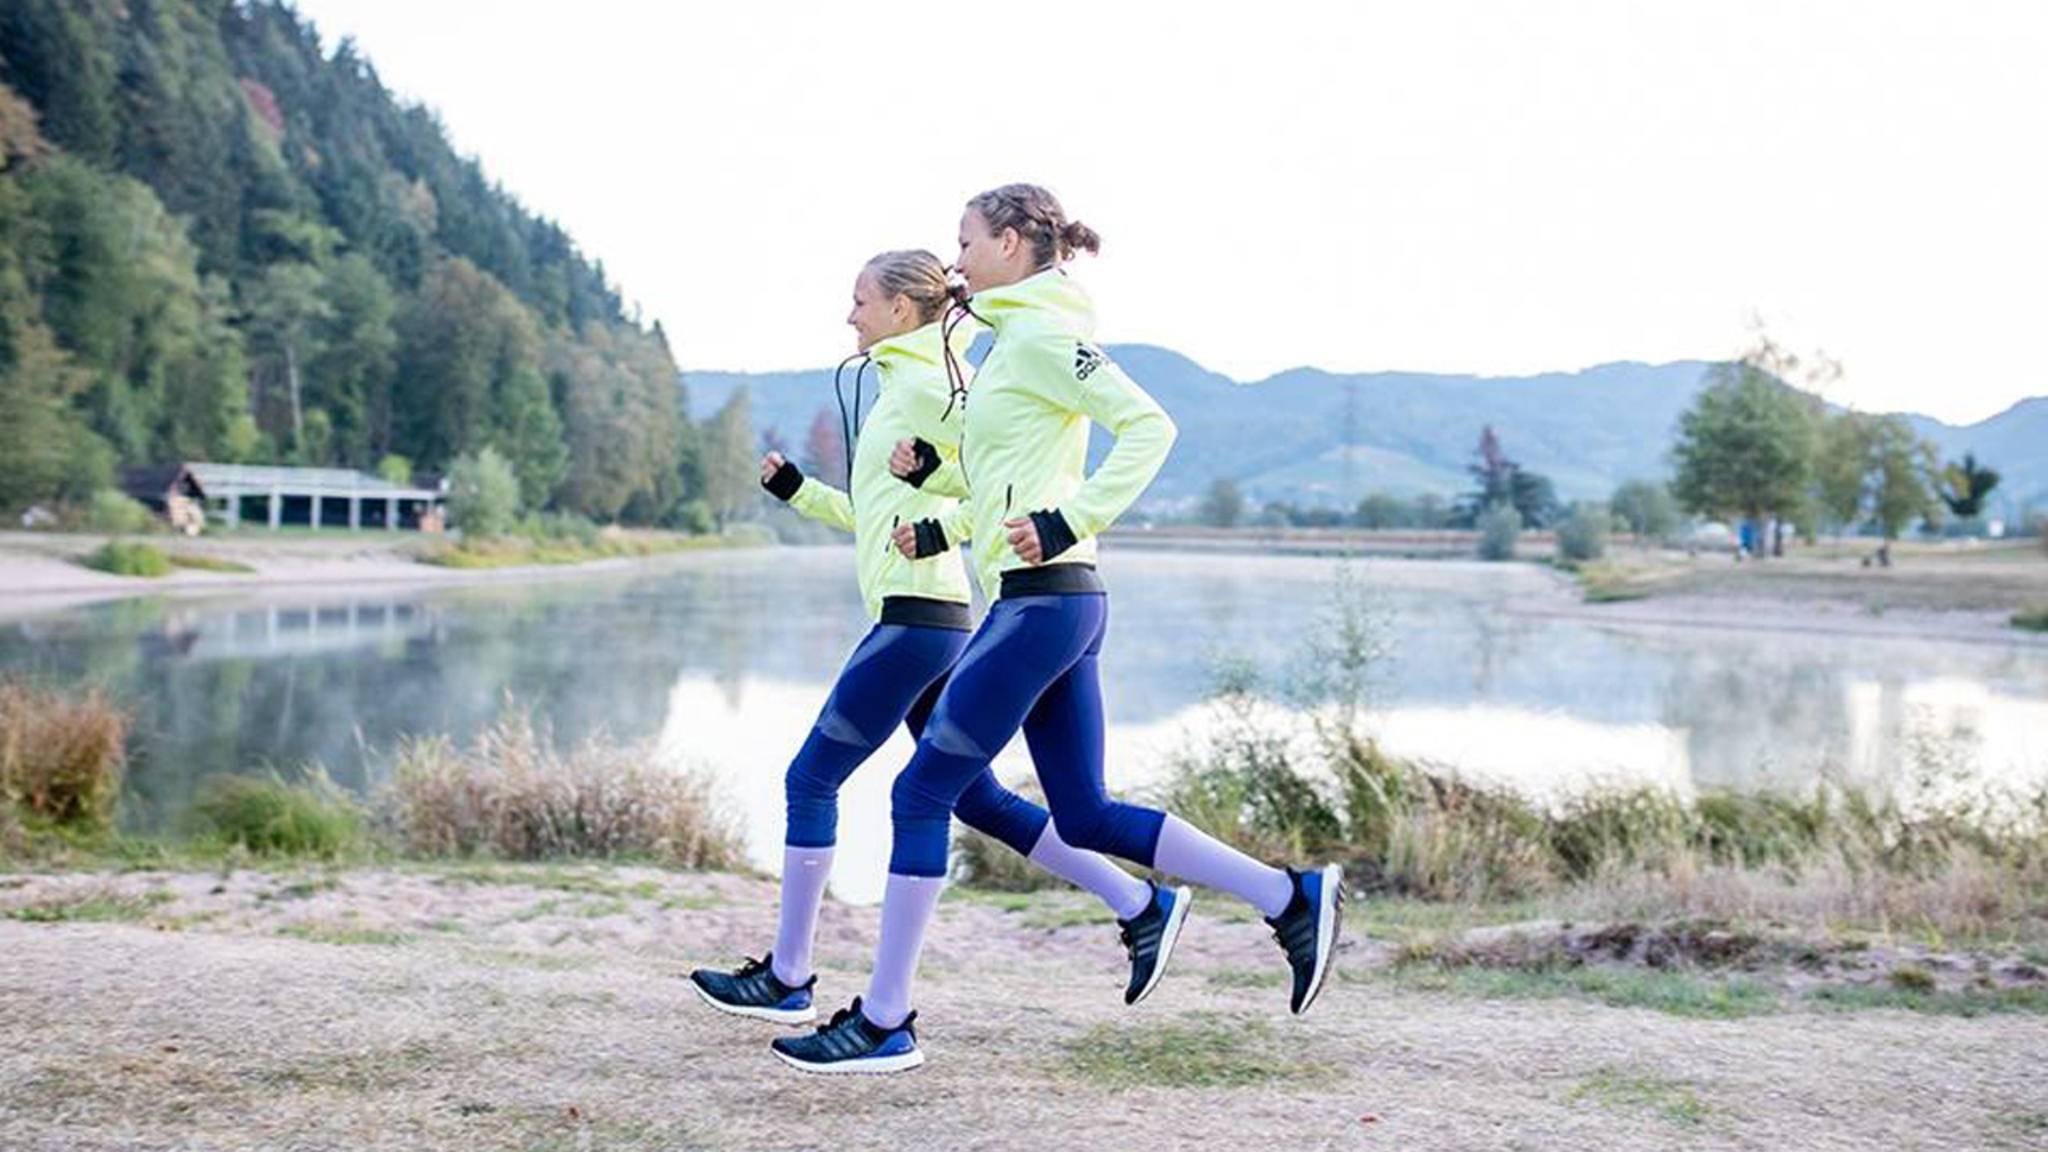 Bist Du noch kein Laufprofi wie die Hahner-Twins, musst Du vielleicht noch Dein persönliches Lauftempo finden.